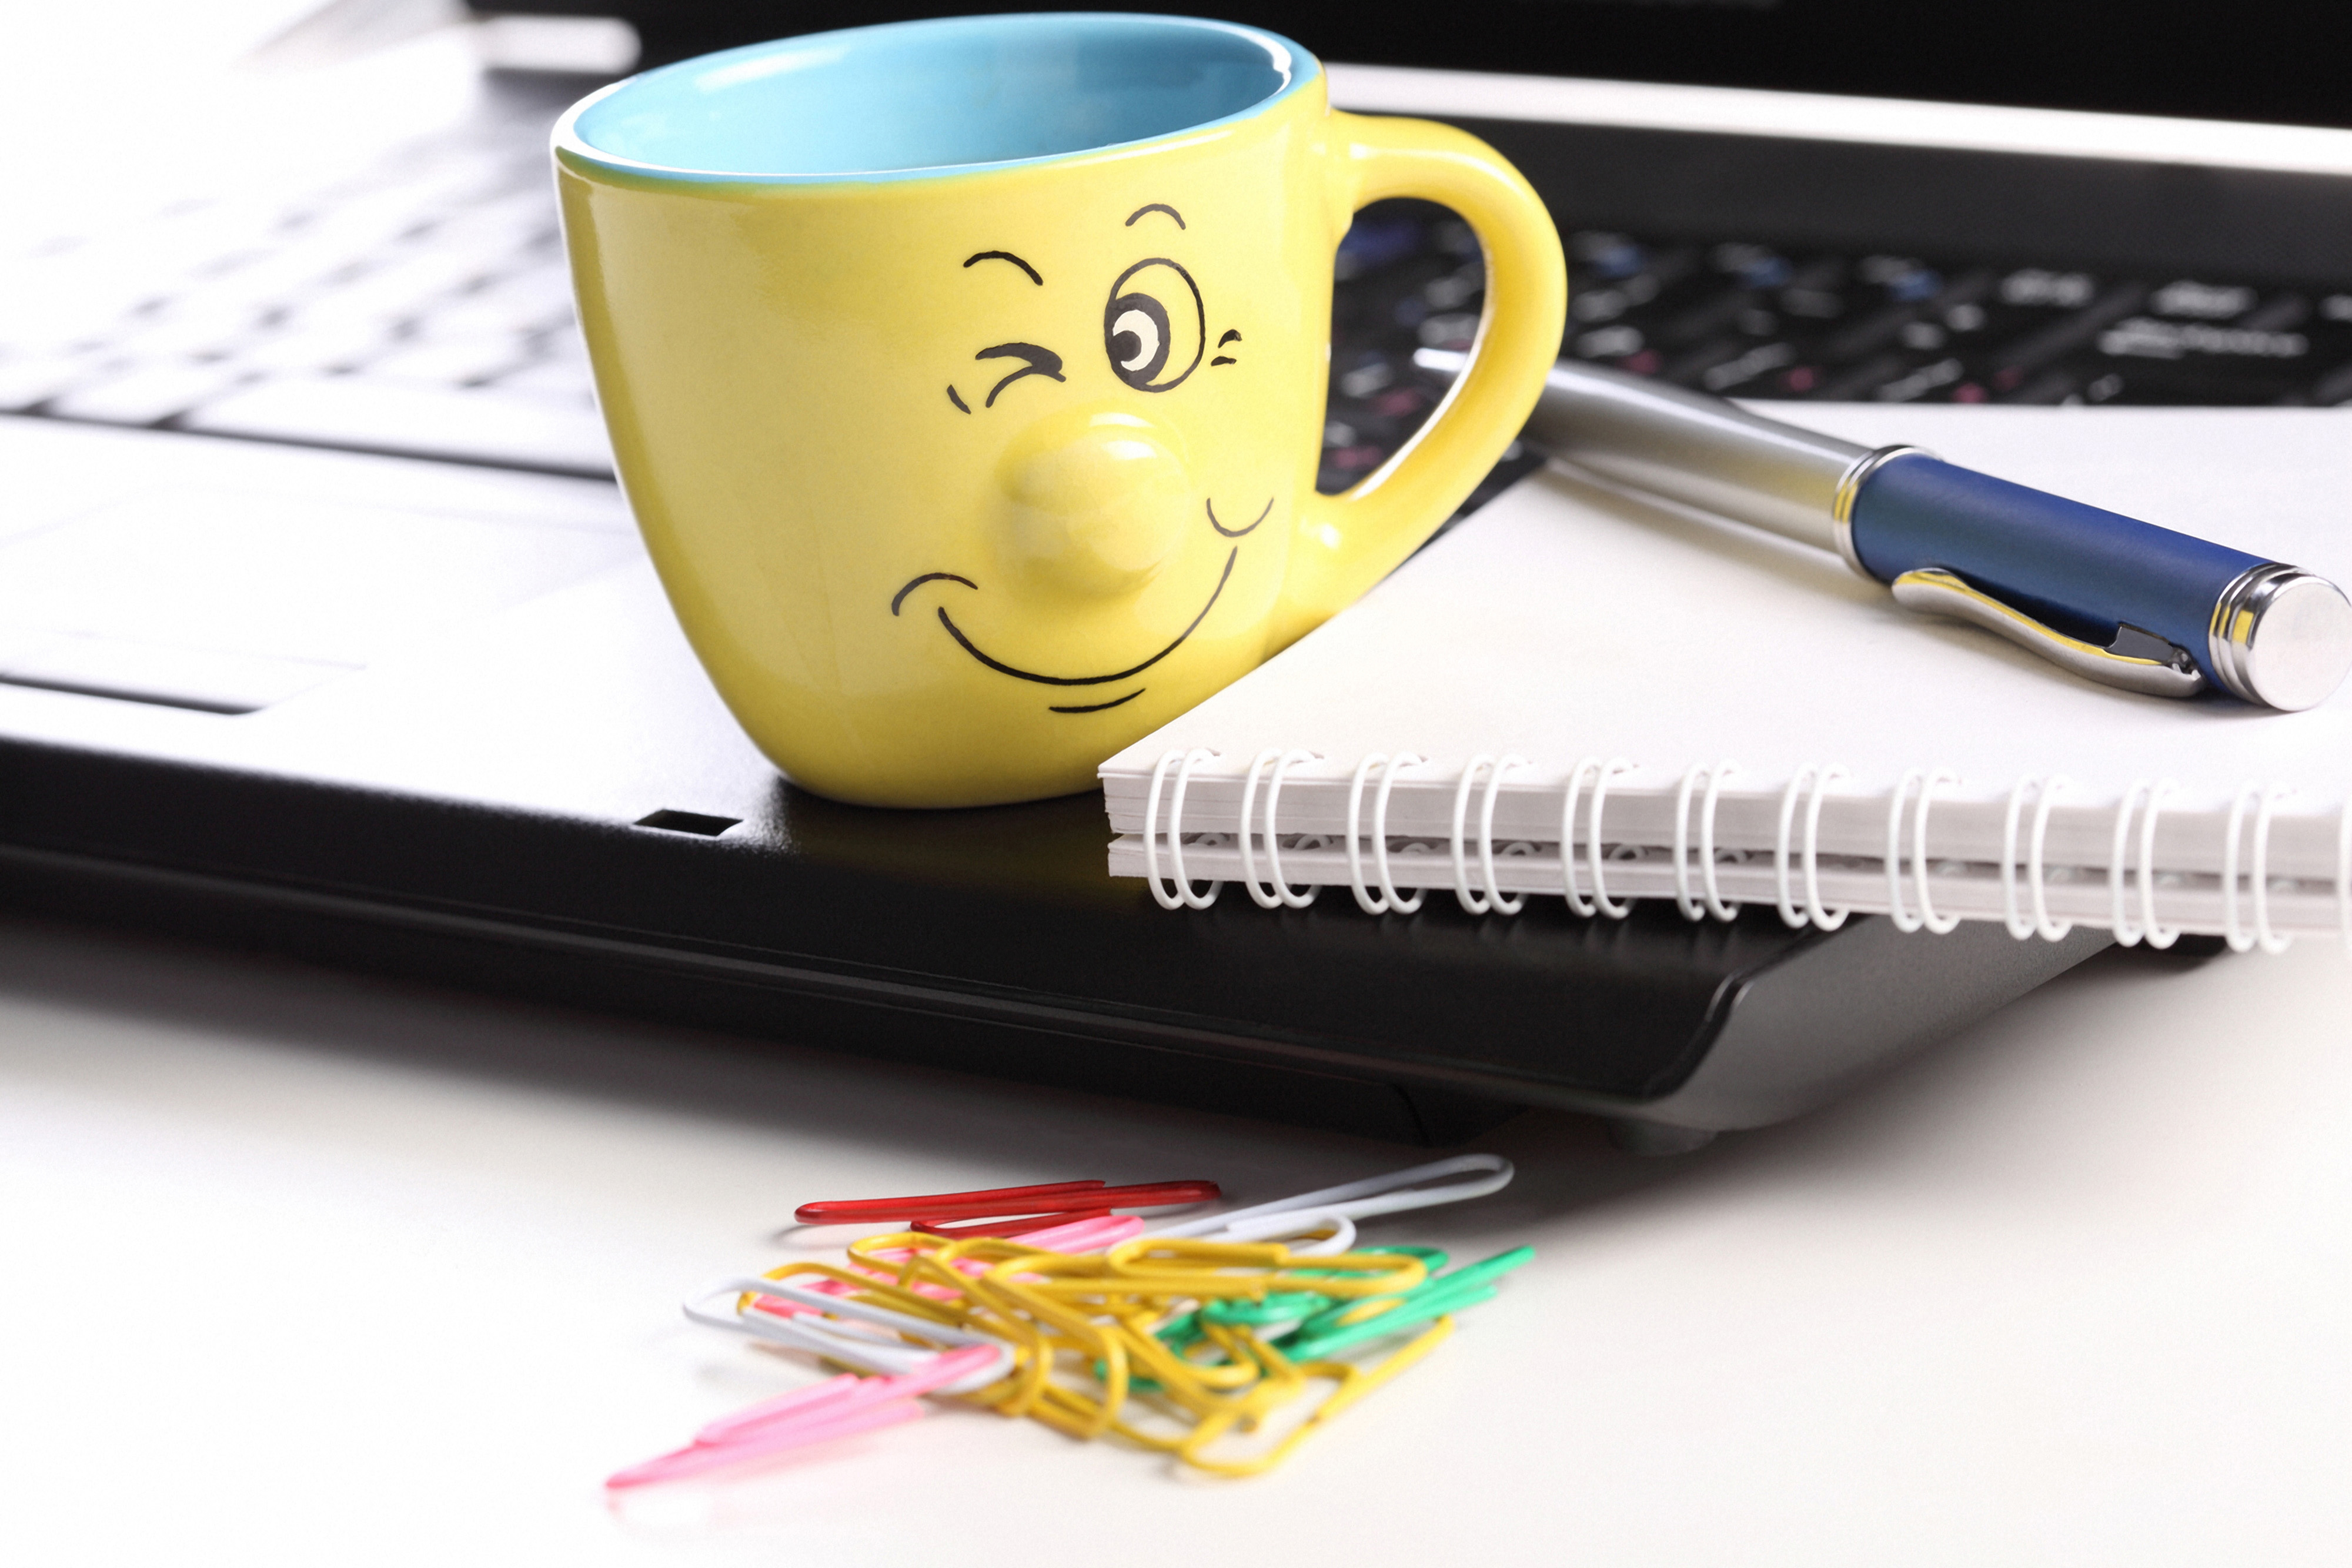 чашка блокнот Cup Notepad  № 2263905 без смс